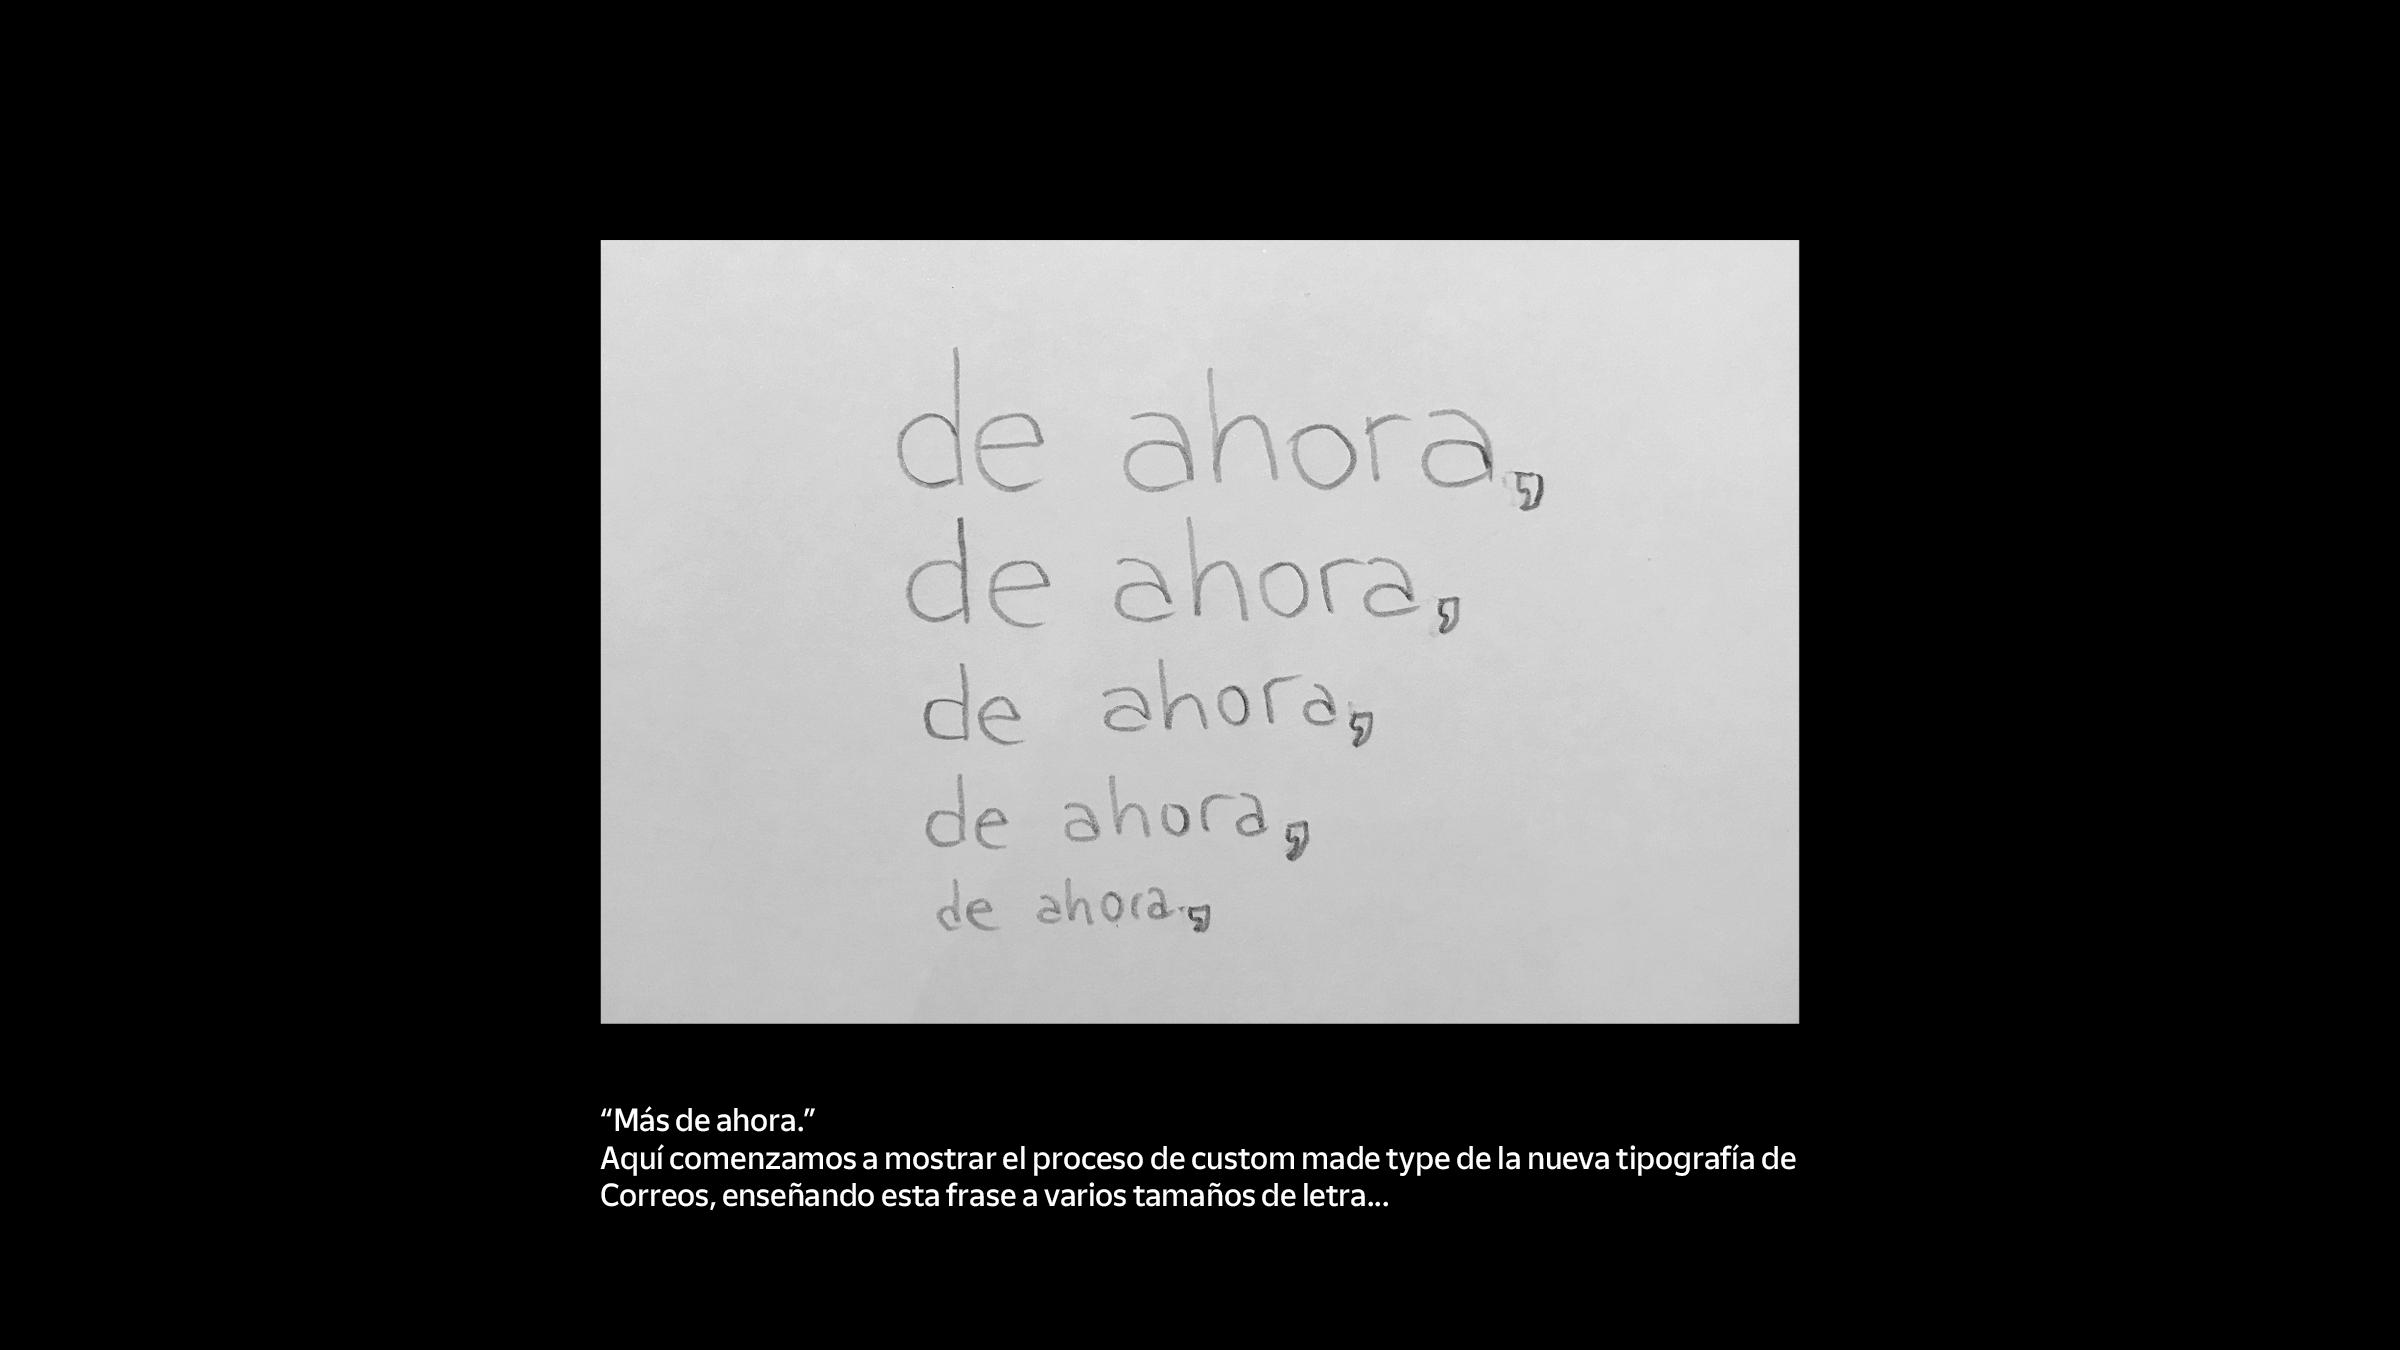 CORREOS_FB_STORY_30.png